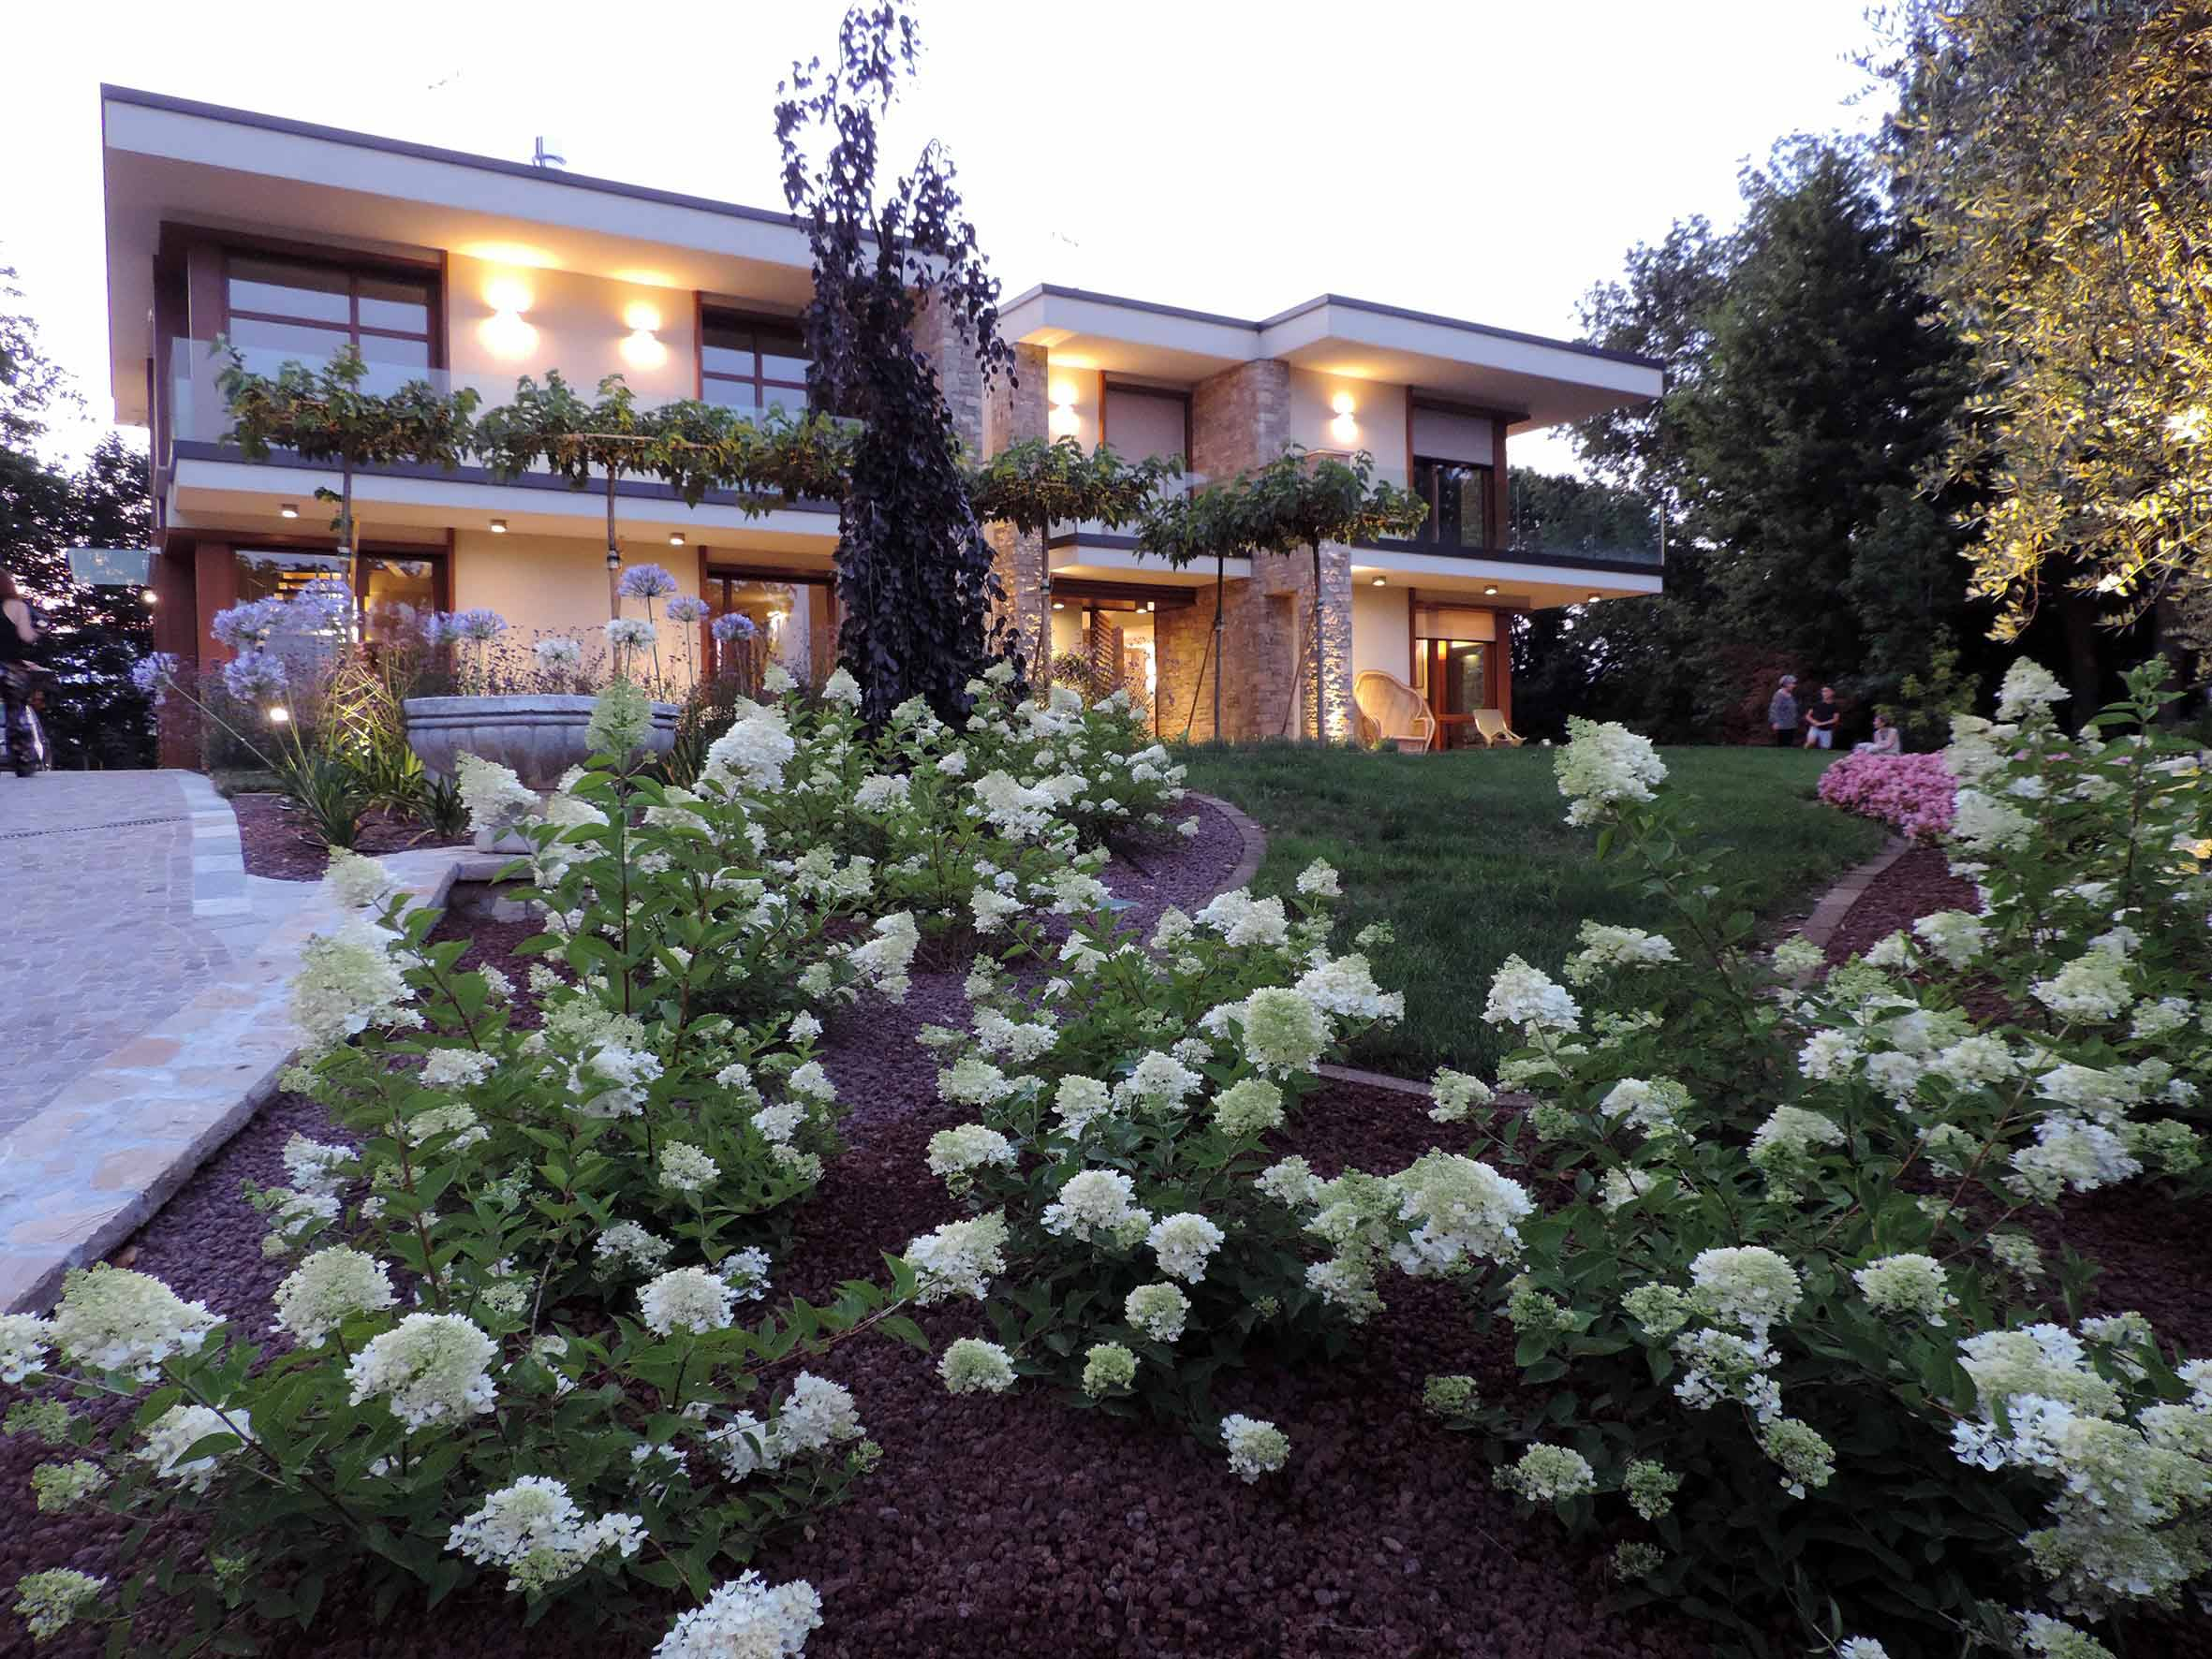 Progettazione giardini bergamo - Giardini bergamo ...